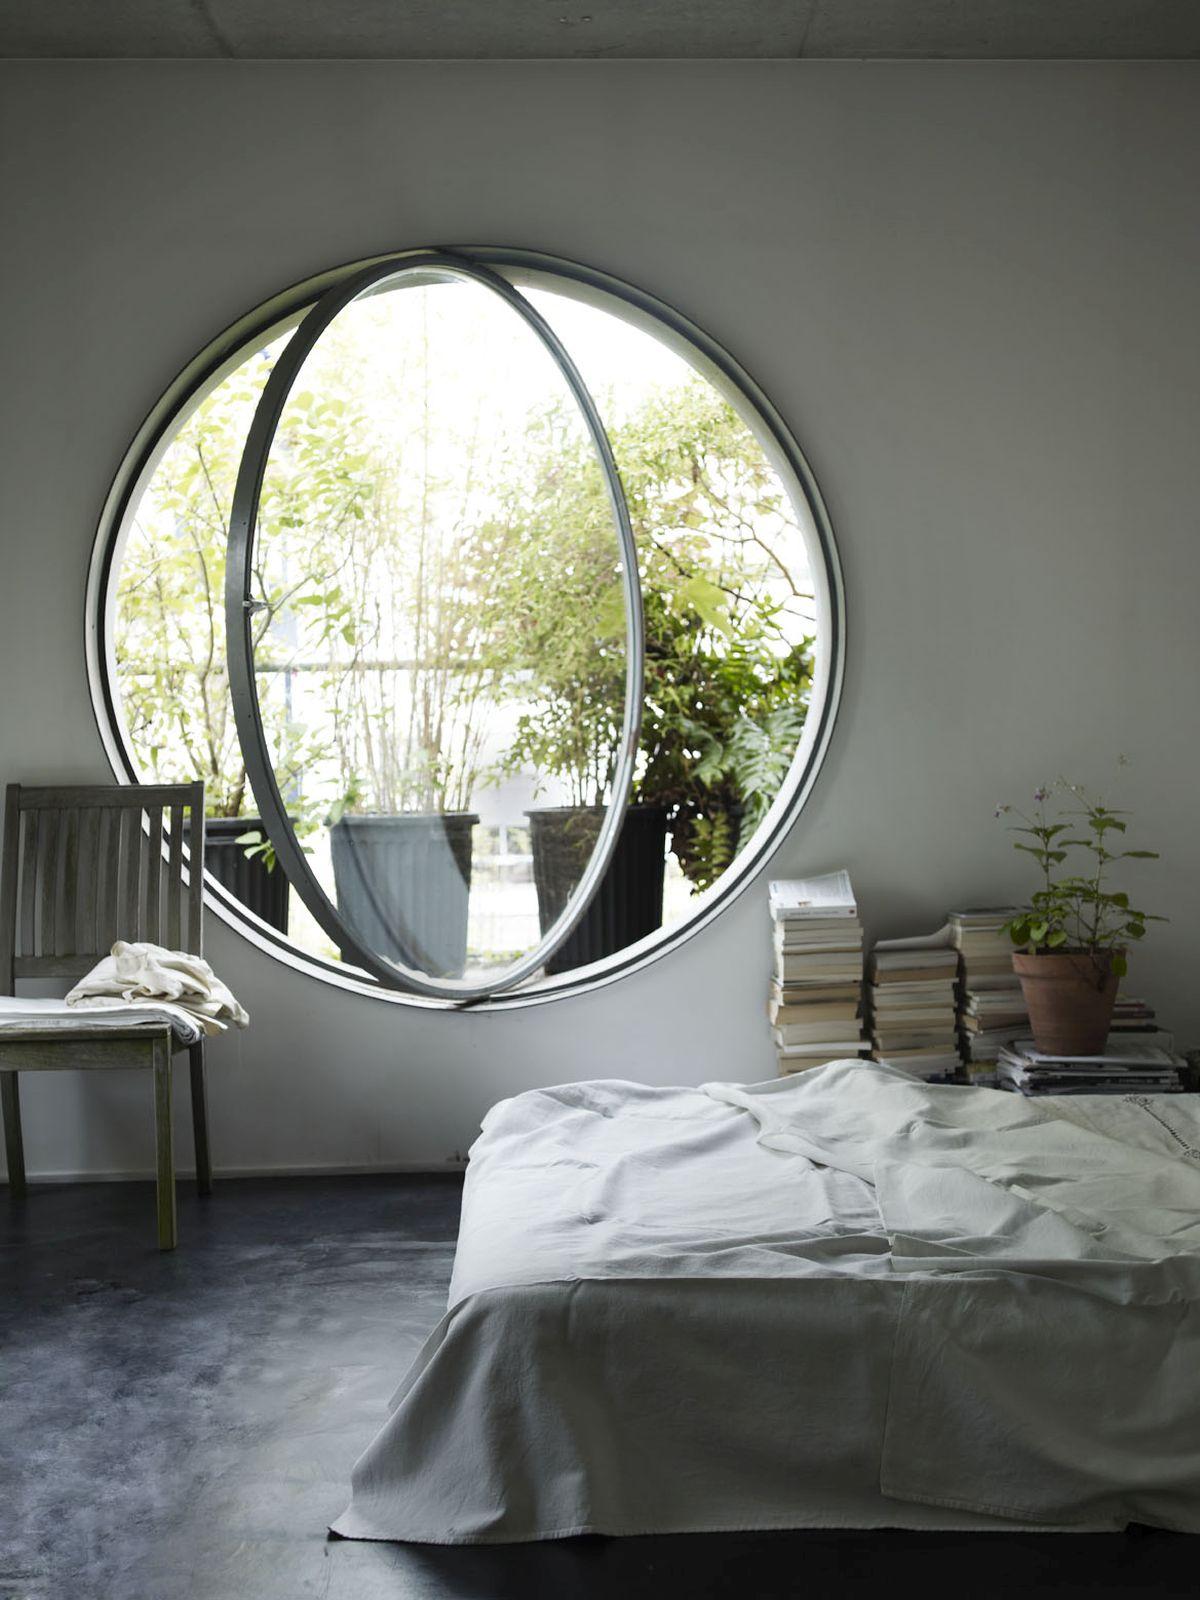 okrugli prozor